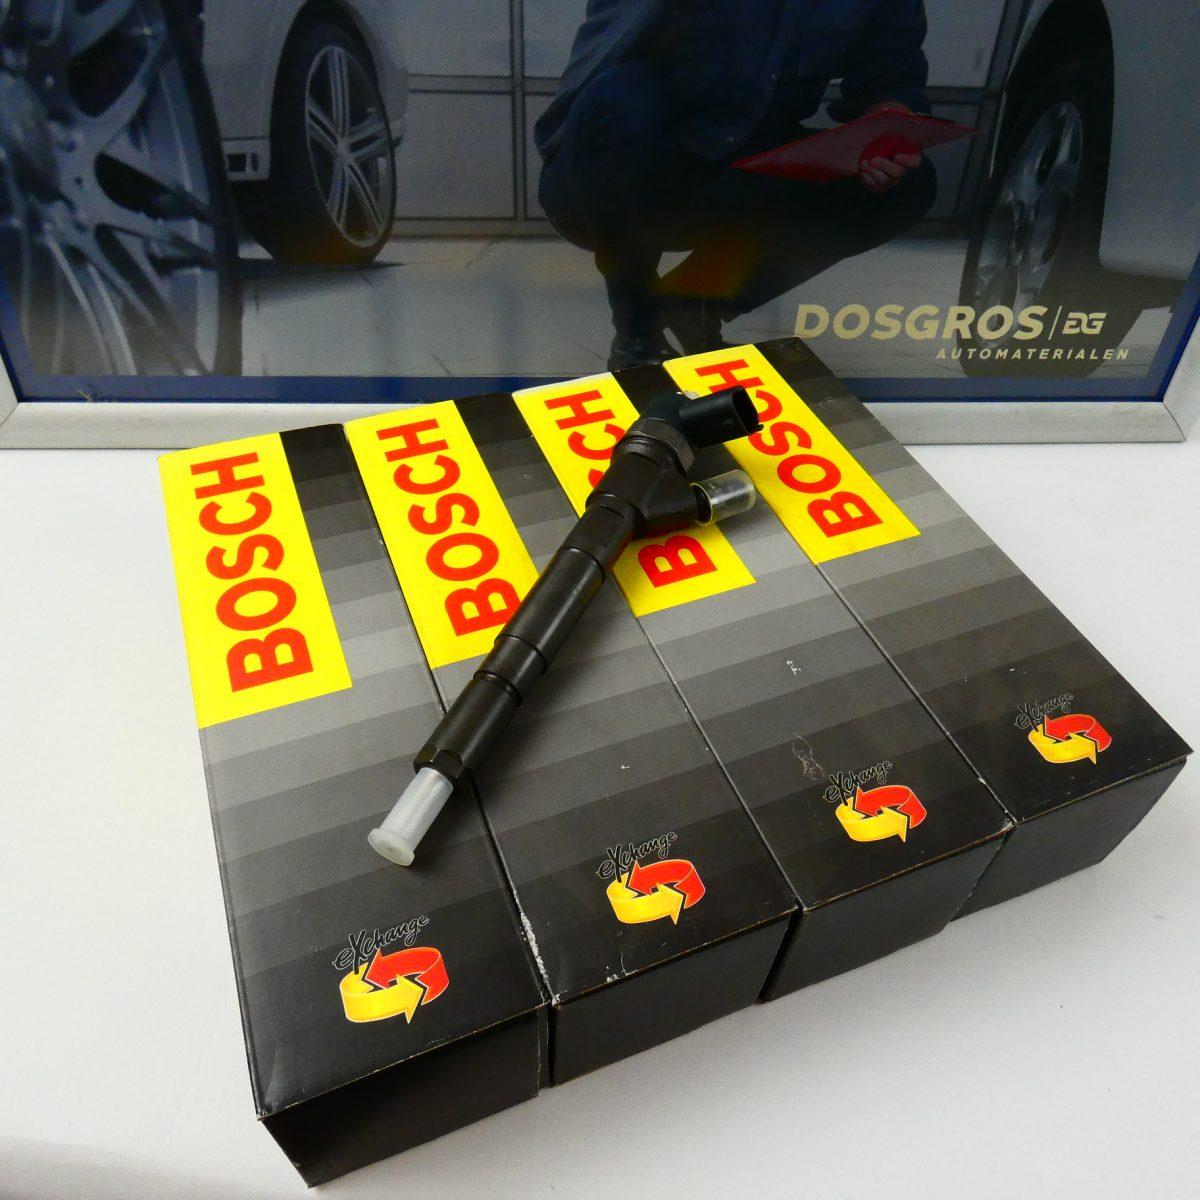 Renault verstuiver Bosch bij Dosgros